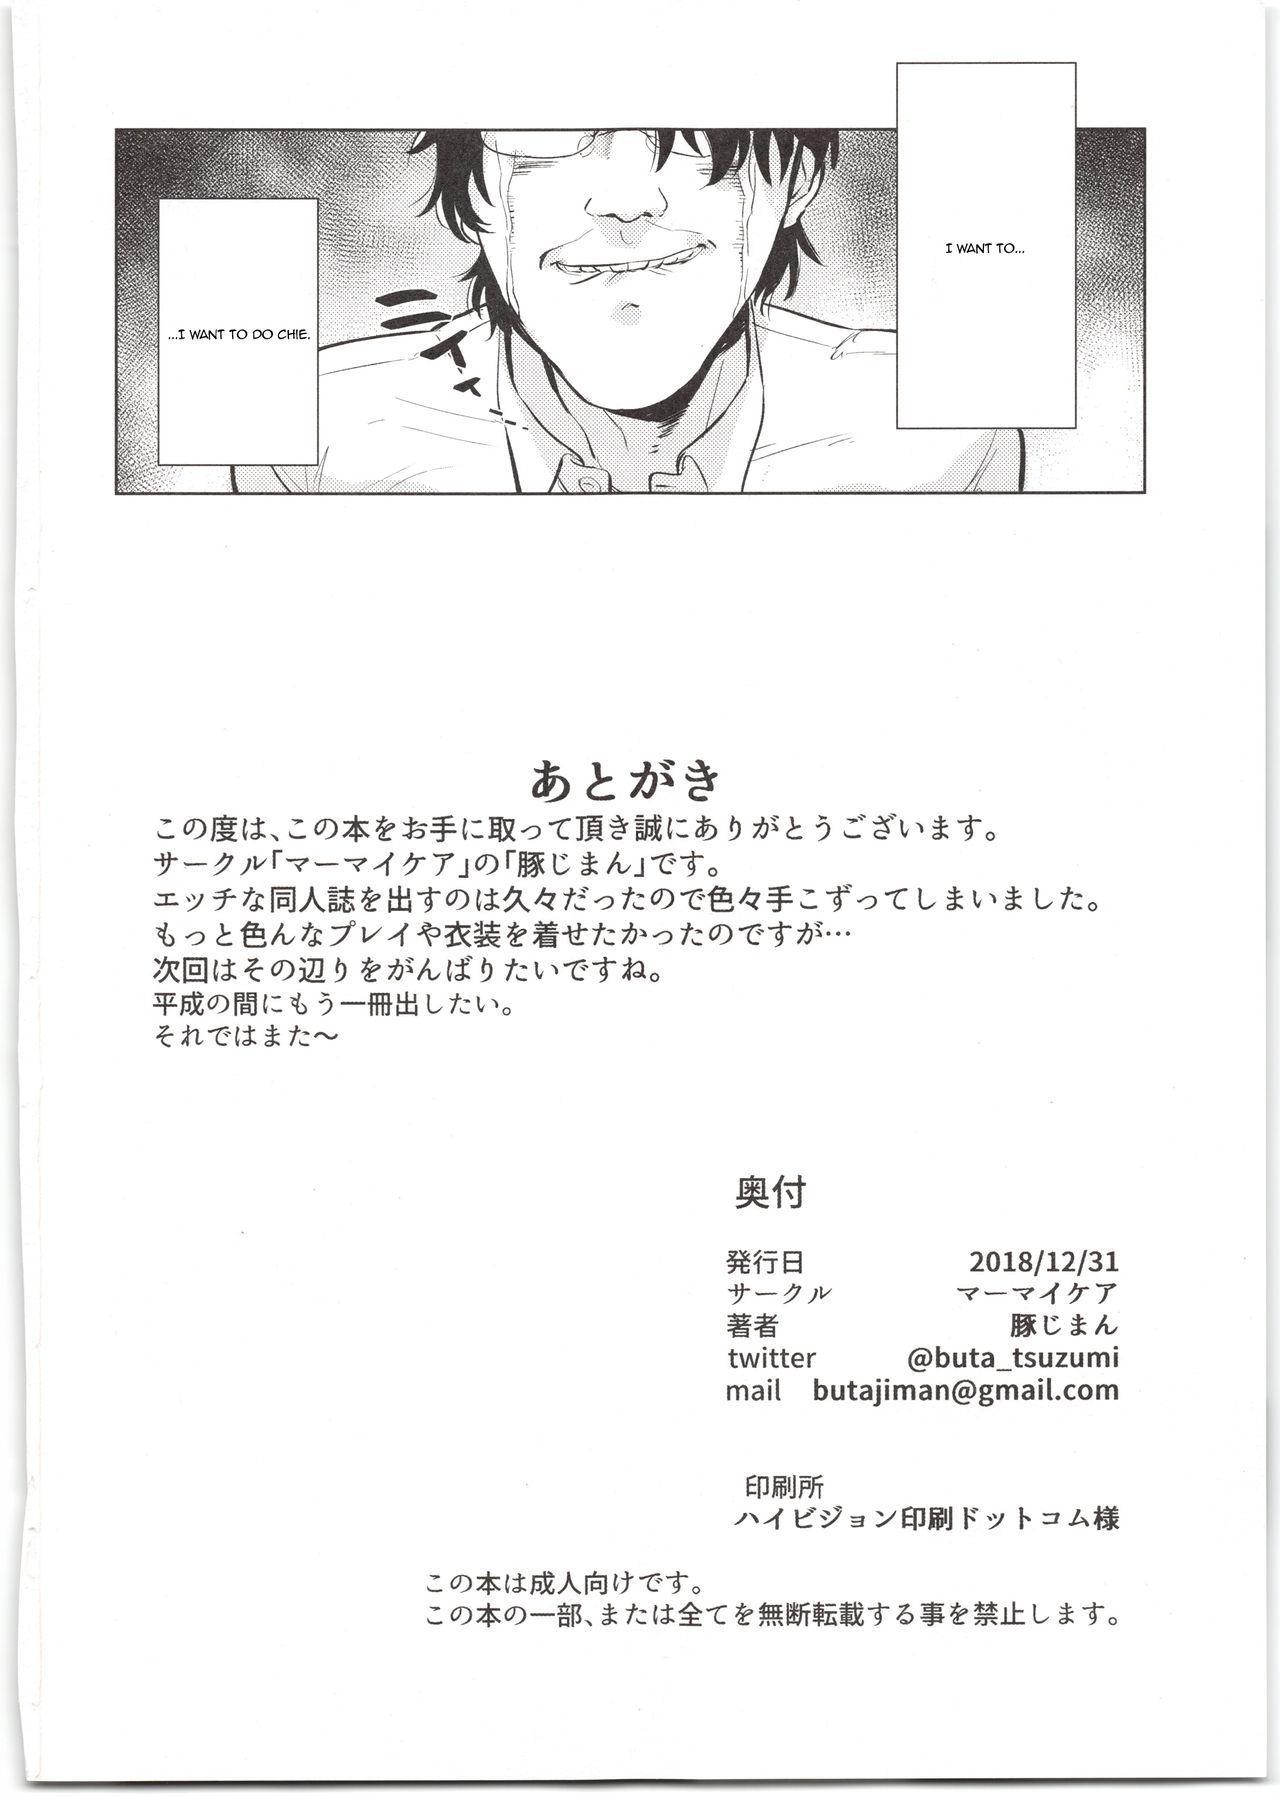 (C95) [Ma-maikea (butajiman)] [Kayou] Sponsor e Tokubetsu Eigyou Chie-chan Tandoku 10-Jikan (THE IDOLM@STER CINDERELLA GIRLS) [English] [defski] 23